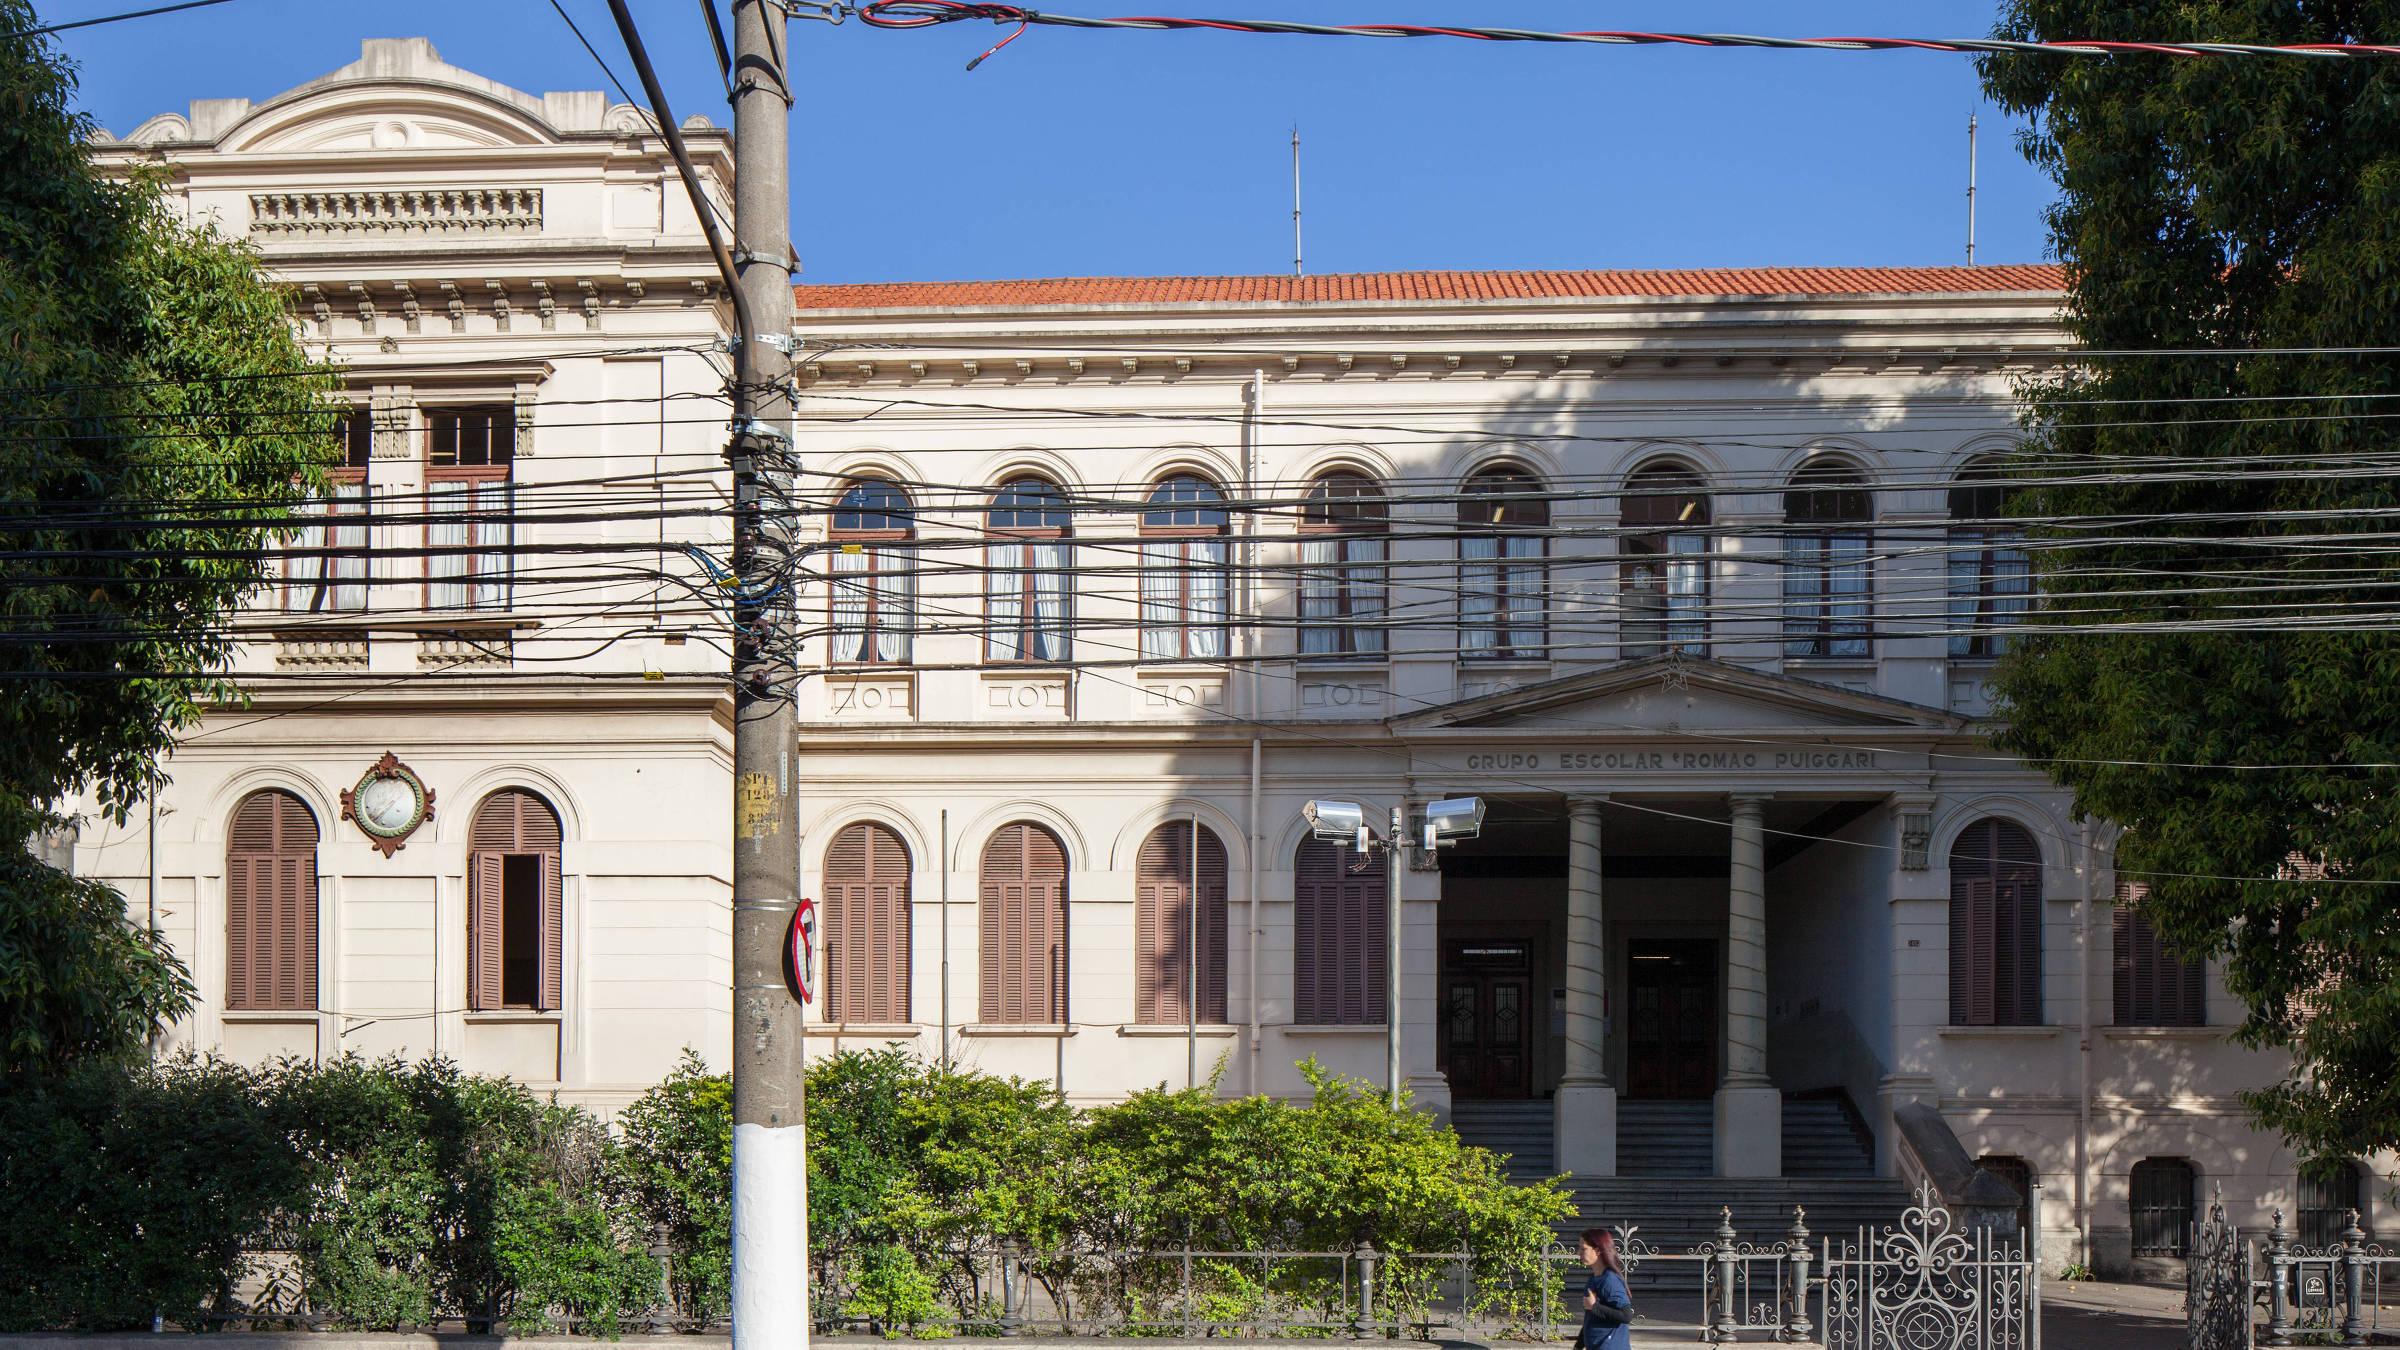 Ensaio da arquitetura dos prédios de escolas públicas na cidade de São Paulo - Fotos Tuca Vieira/Folhapress